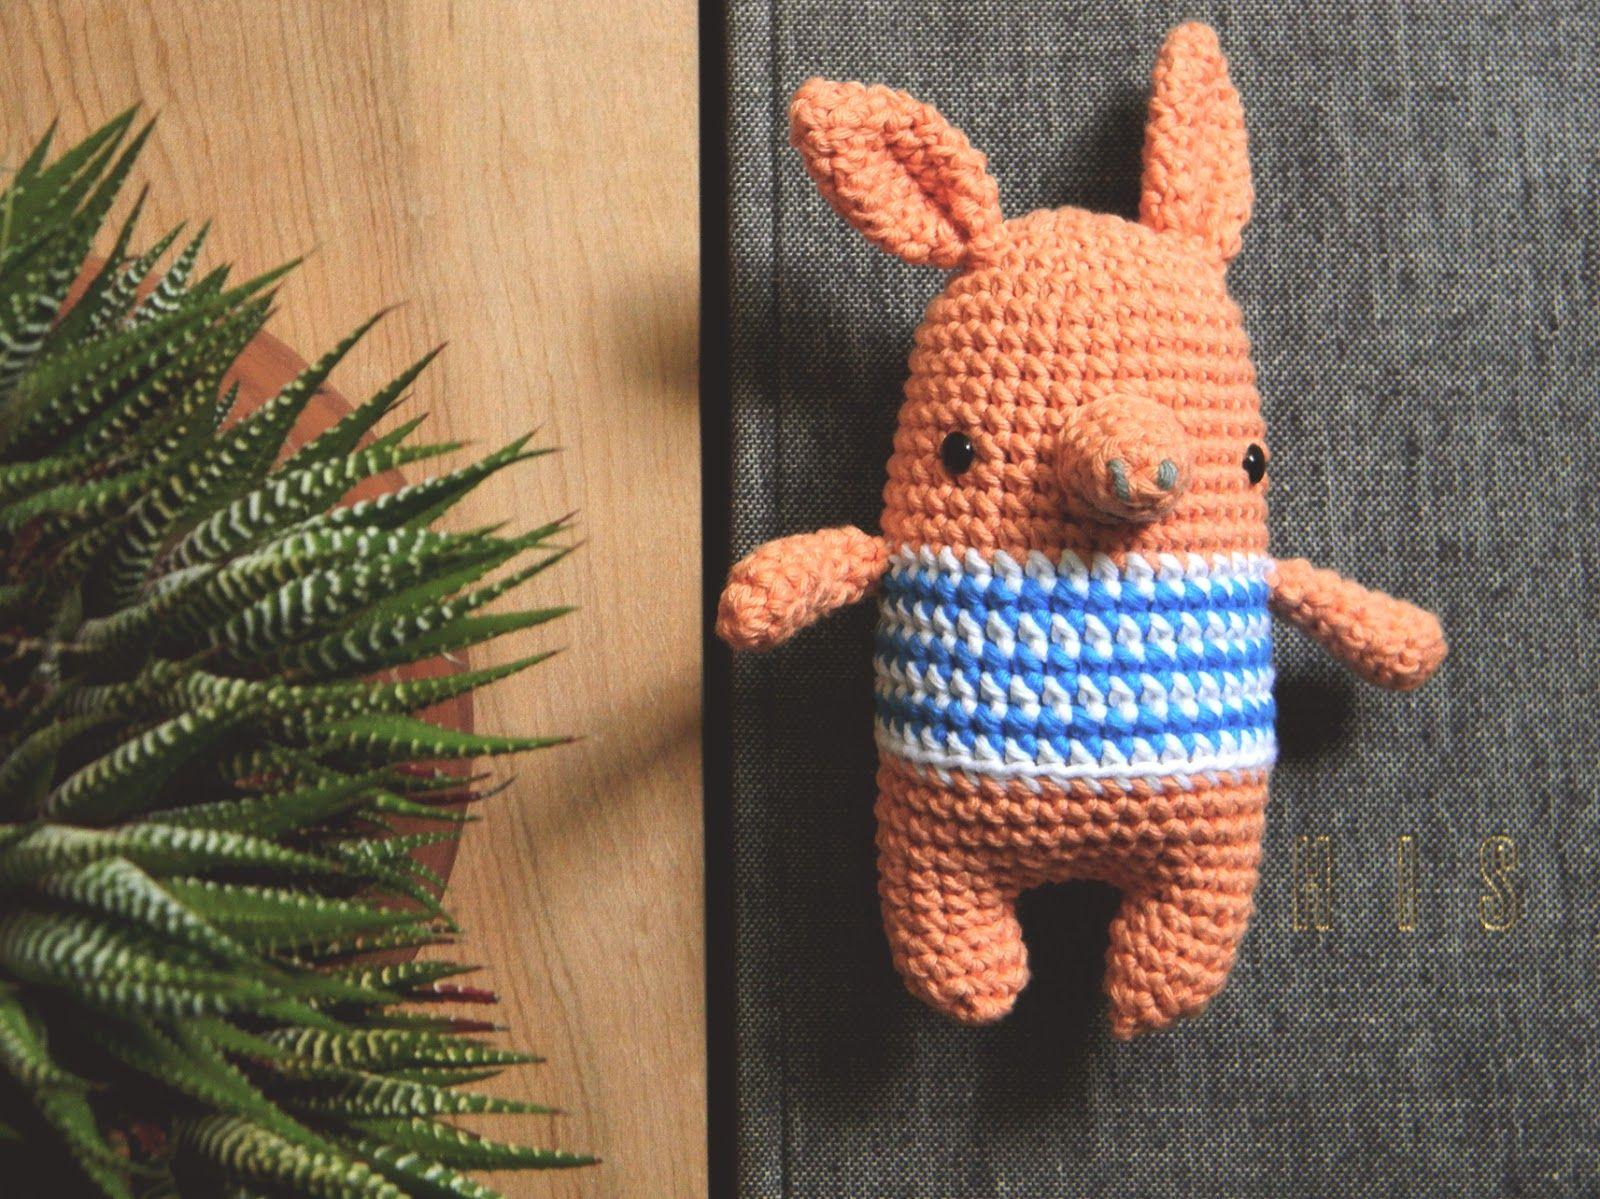 Tutorial Amigurumi Cerdito : Pica pau amigurumis amigurumi doll toys and crochet